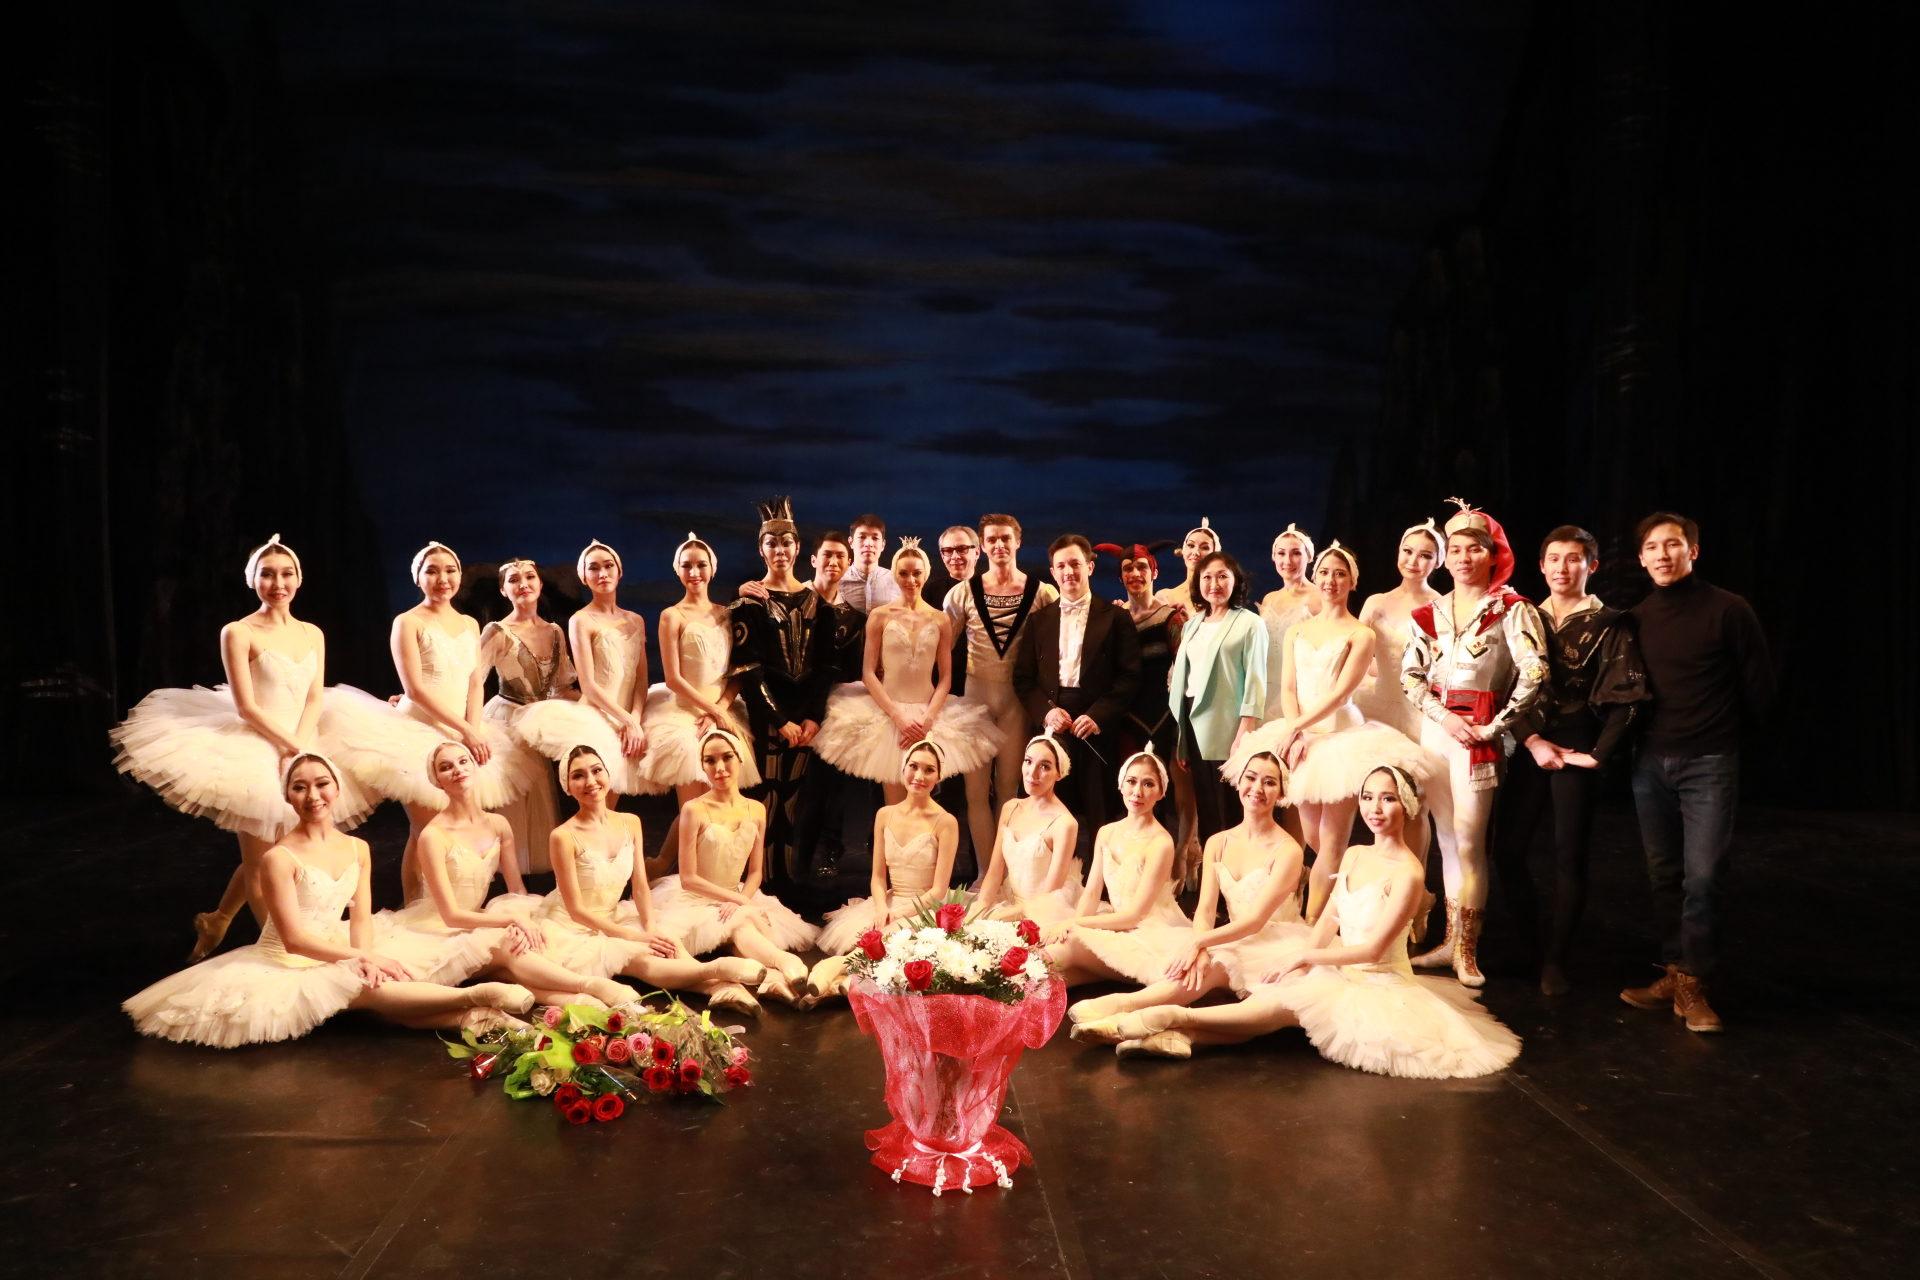 Международный фестиваль классического балета «Стерх», посвященный 90-летию великого хореографа Юрия Григоровича.